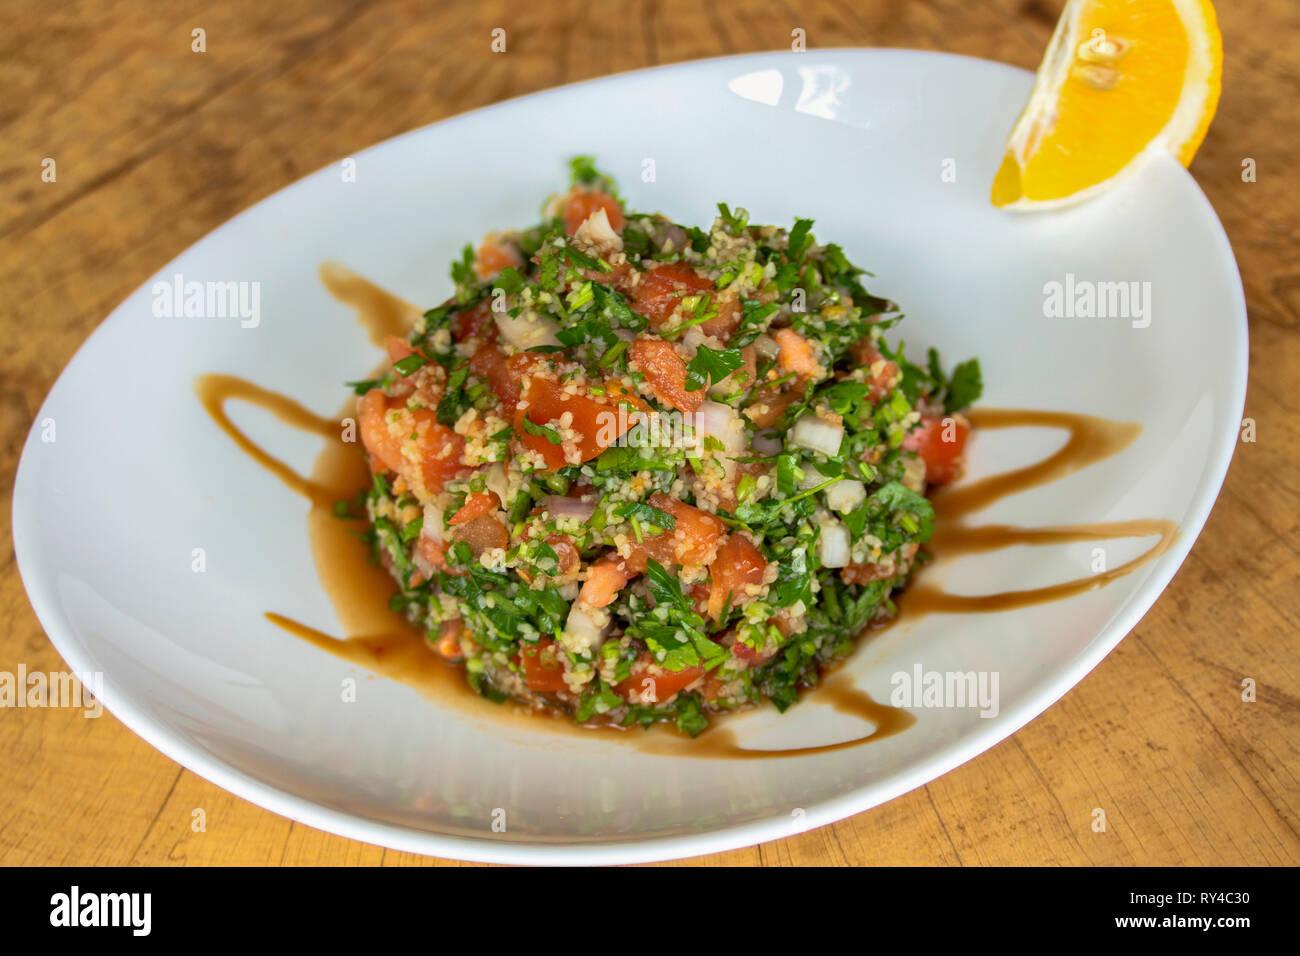 Tabule insalata. Con il prezzemolo, pomodori e cipolla rossa, manna groppa, il succo di melograno e spremuta di limone. Immagini Stock